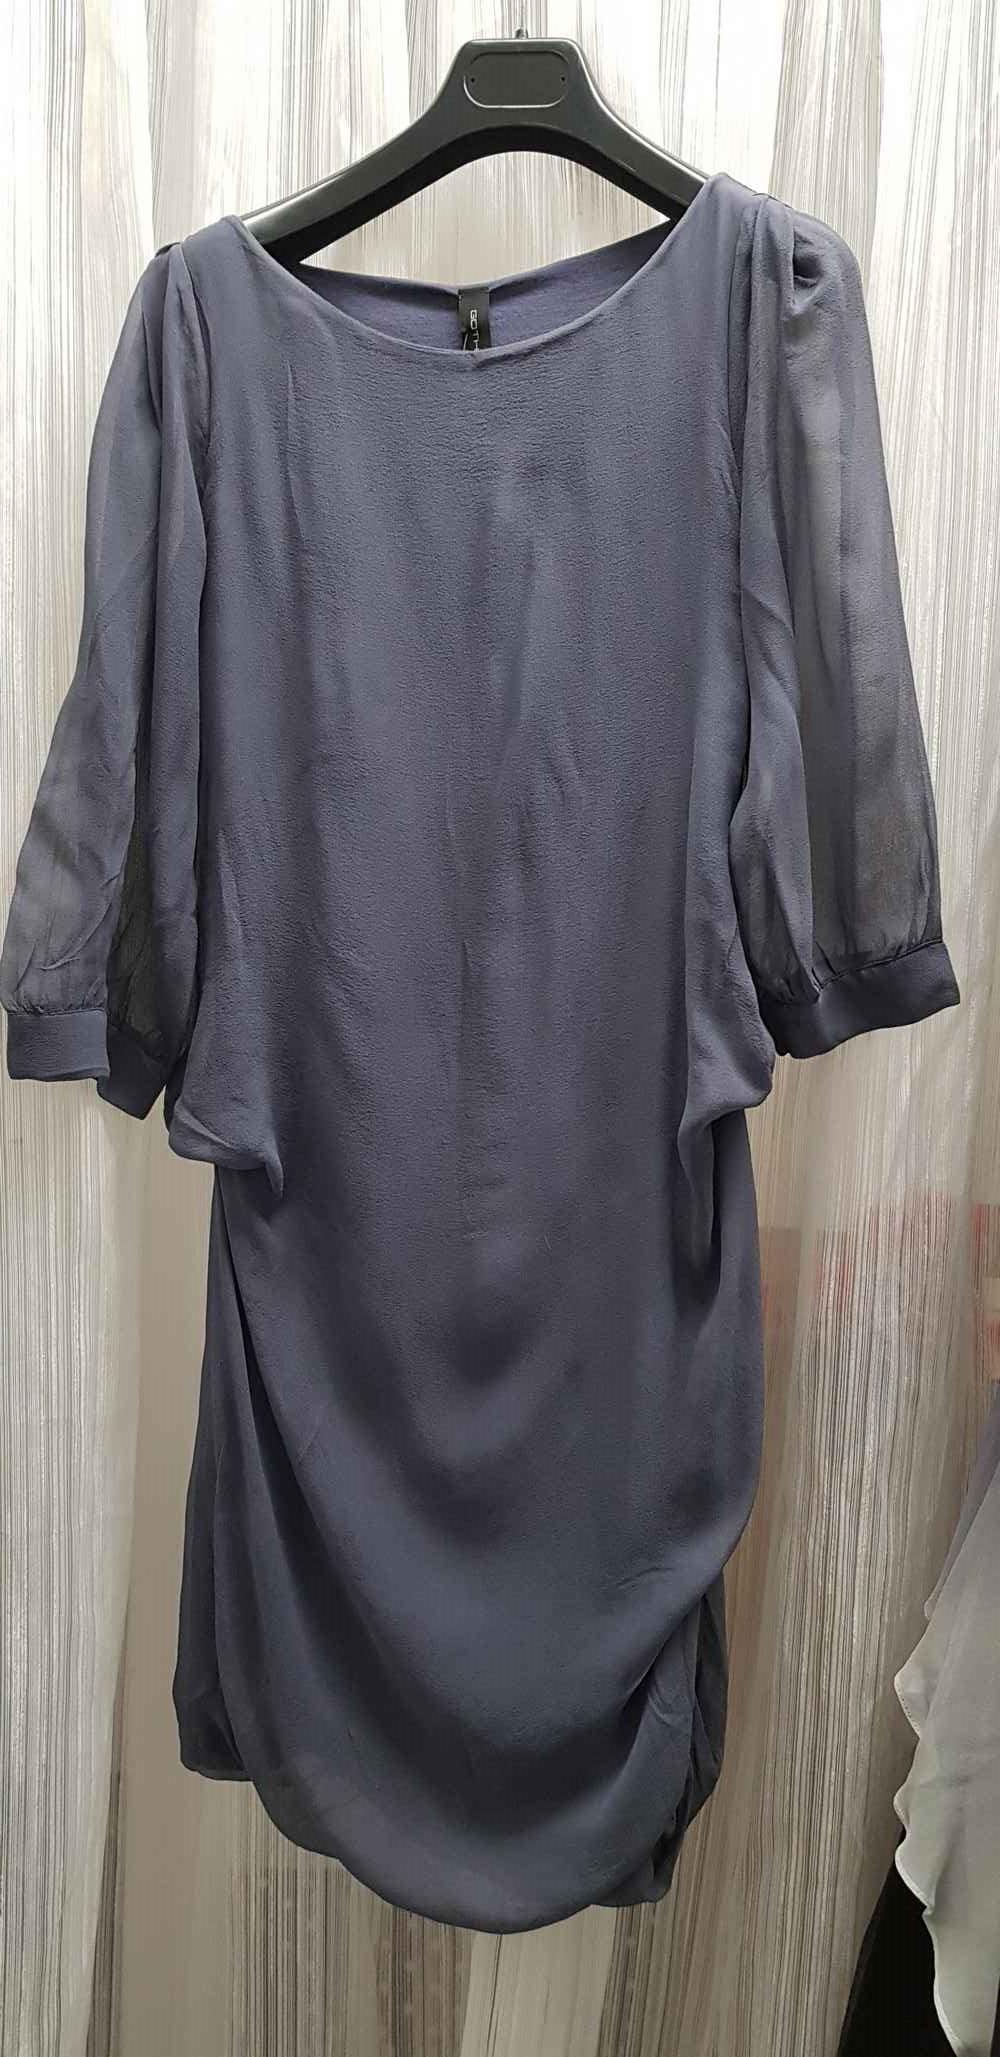 Abbigliamento Usati Usato Vestiti Uomo Marca Di Catanzaro Donna Y1qwa5